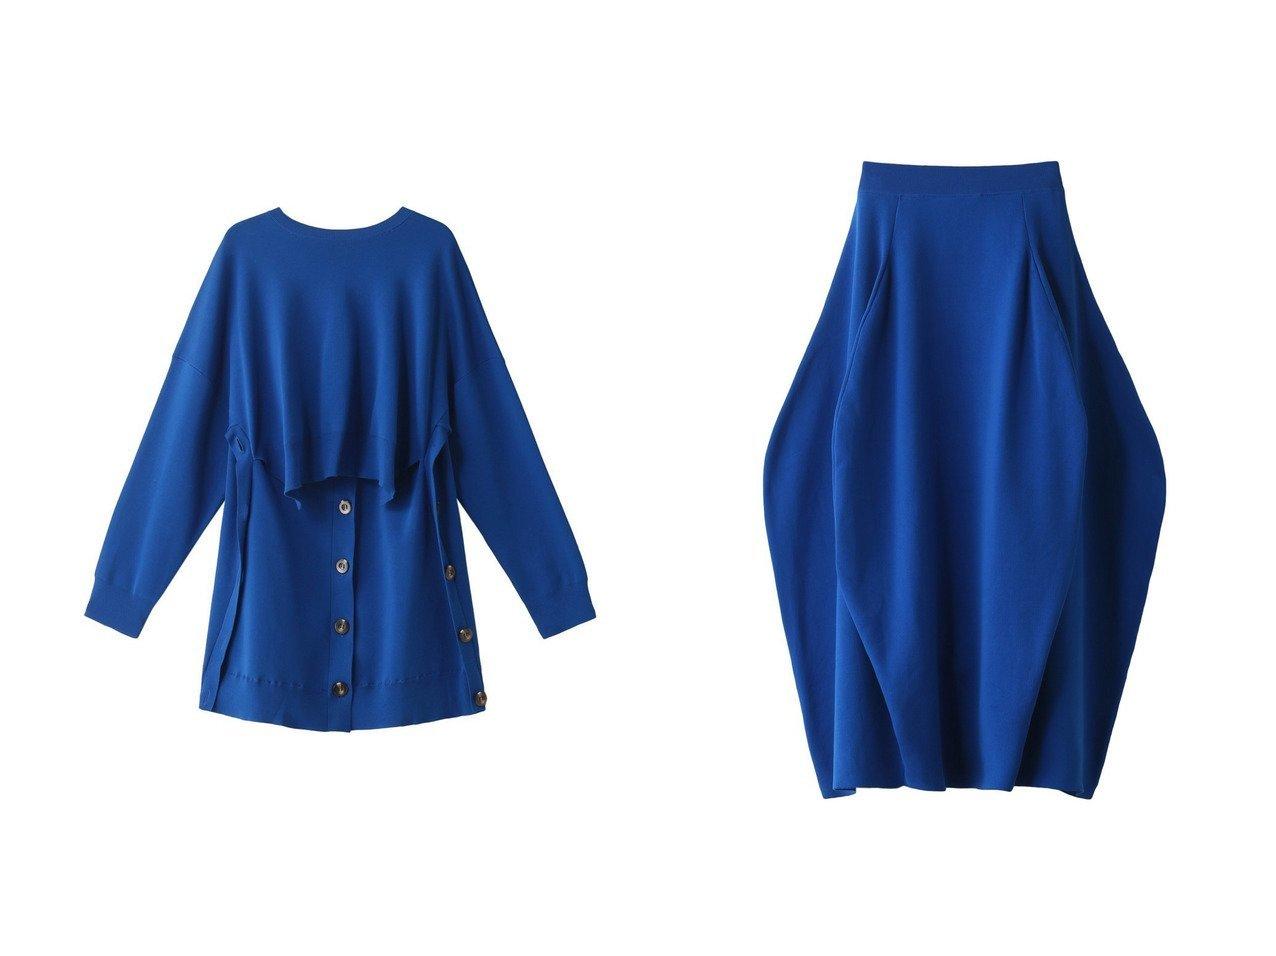 【ENFOLD/エンフォルド】のハイゲージコットン コクーンフレアスカート&ハイゲージコットン 4WAY プルオーバー おすすめ!人気、トレンド・レディースファッションの通販 おすすめで人気の流行・トレンド、ファッションの通販商品 メンズファッション・キッズファッション・インテリア・家具・レディースファッション・服の通販 founy(ファニー) https://founy.com/ ファッション Fashion レディースファッション WOMEN トップス Tops Tshirt シャツ/ブラウス Shirts Blouses ロング / Tシャツ T-Shirts プルオーバー Pullover カットソー Cut and Sewn スカート Skirt Aライン/フレアスカート Flared A-Line Skirts ロングスカート Long Skirt 2021年 2021 2021 春夏 S/S SS Spring/Summer 2021 S/S 春夏 SS Spring/Summer スリーブ セットアップ フロント ロング 春 Spring |ID:crp329100000016880